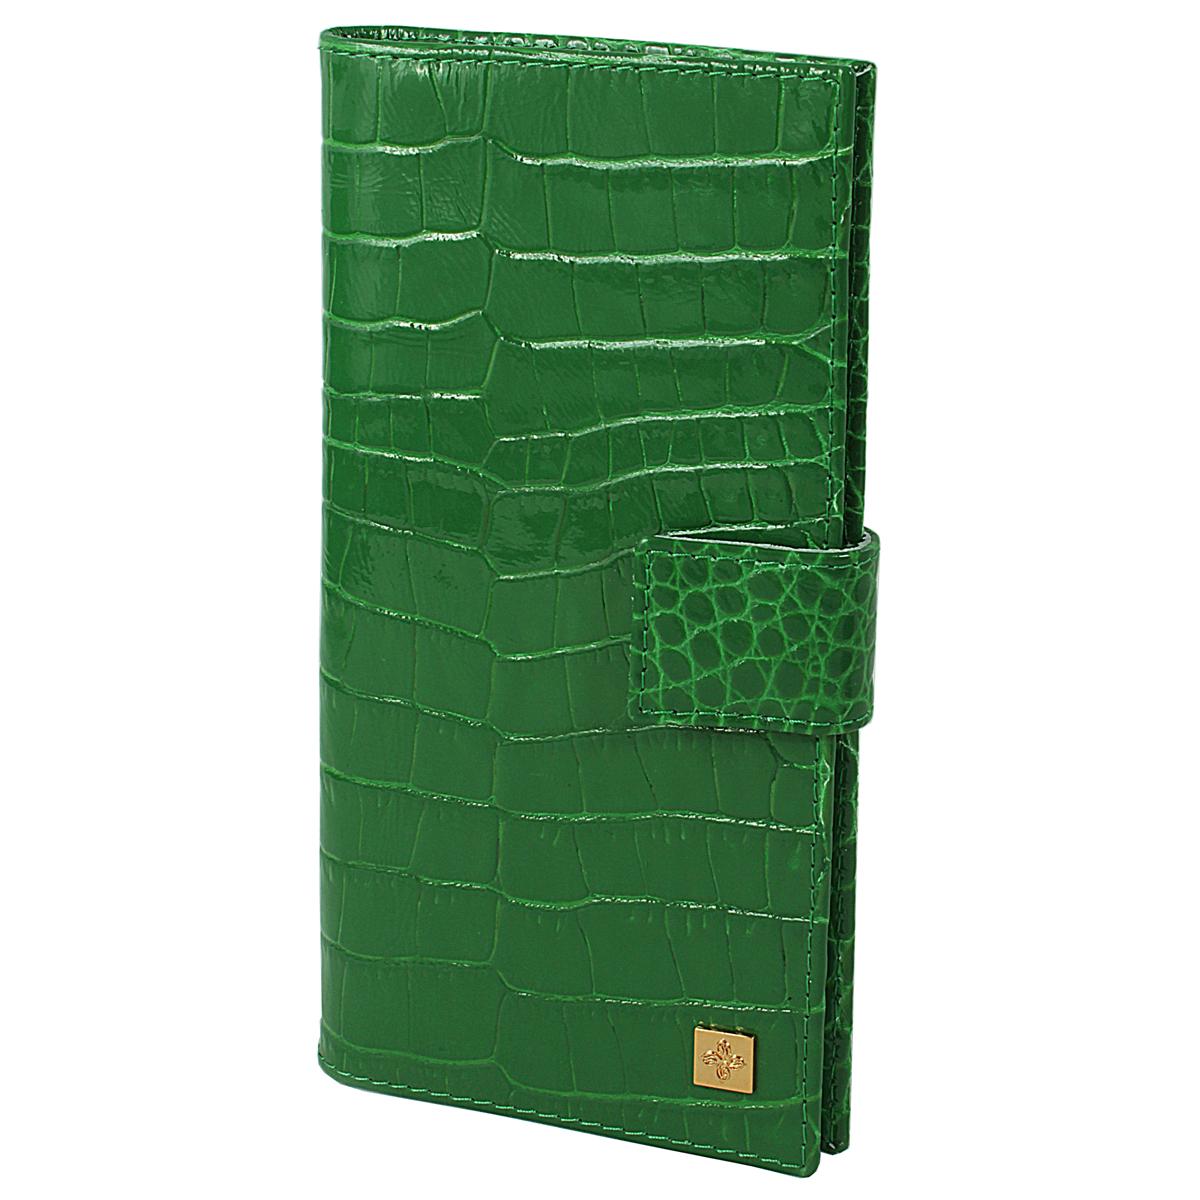 Портмоне женское Казино Dimanche Optima, цвет: зеленый. 987987Стильное женское портмоне Optima выполнено из высококачественной натуральной лаковой кожи с тиснением. Портмоне закрывается при помощи хлястика на кнопку. Внутри - четыре отделения для купюр, одиннадцать кармашков для визиток, карман на молнии для монет и два кармашка для sim-карт. Портмоне упаковано в фирменную картонную коробку.